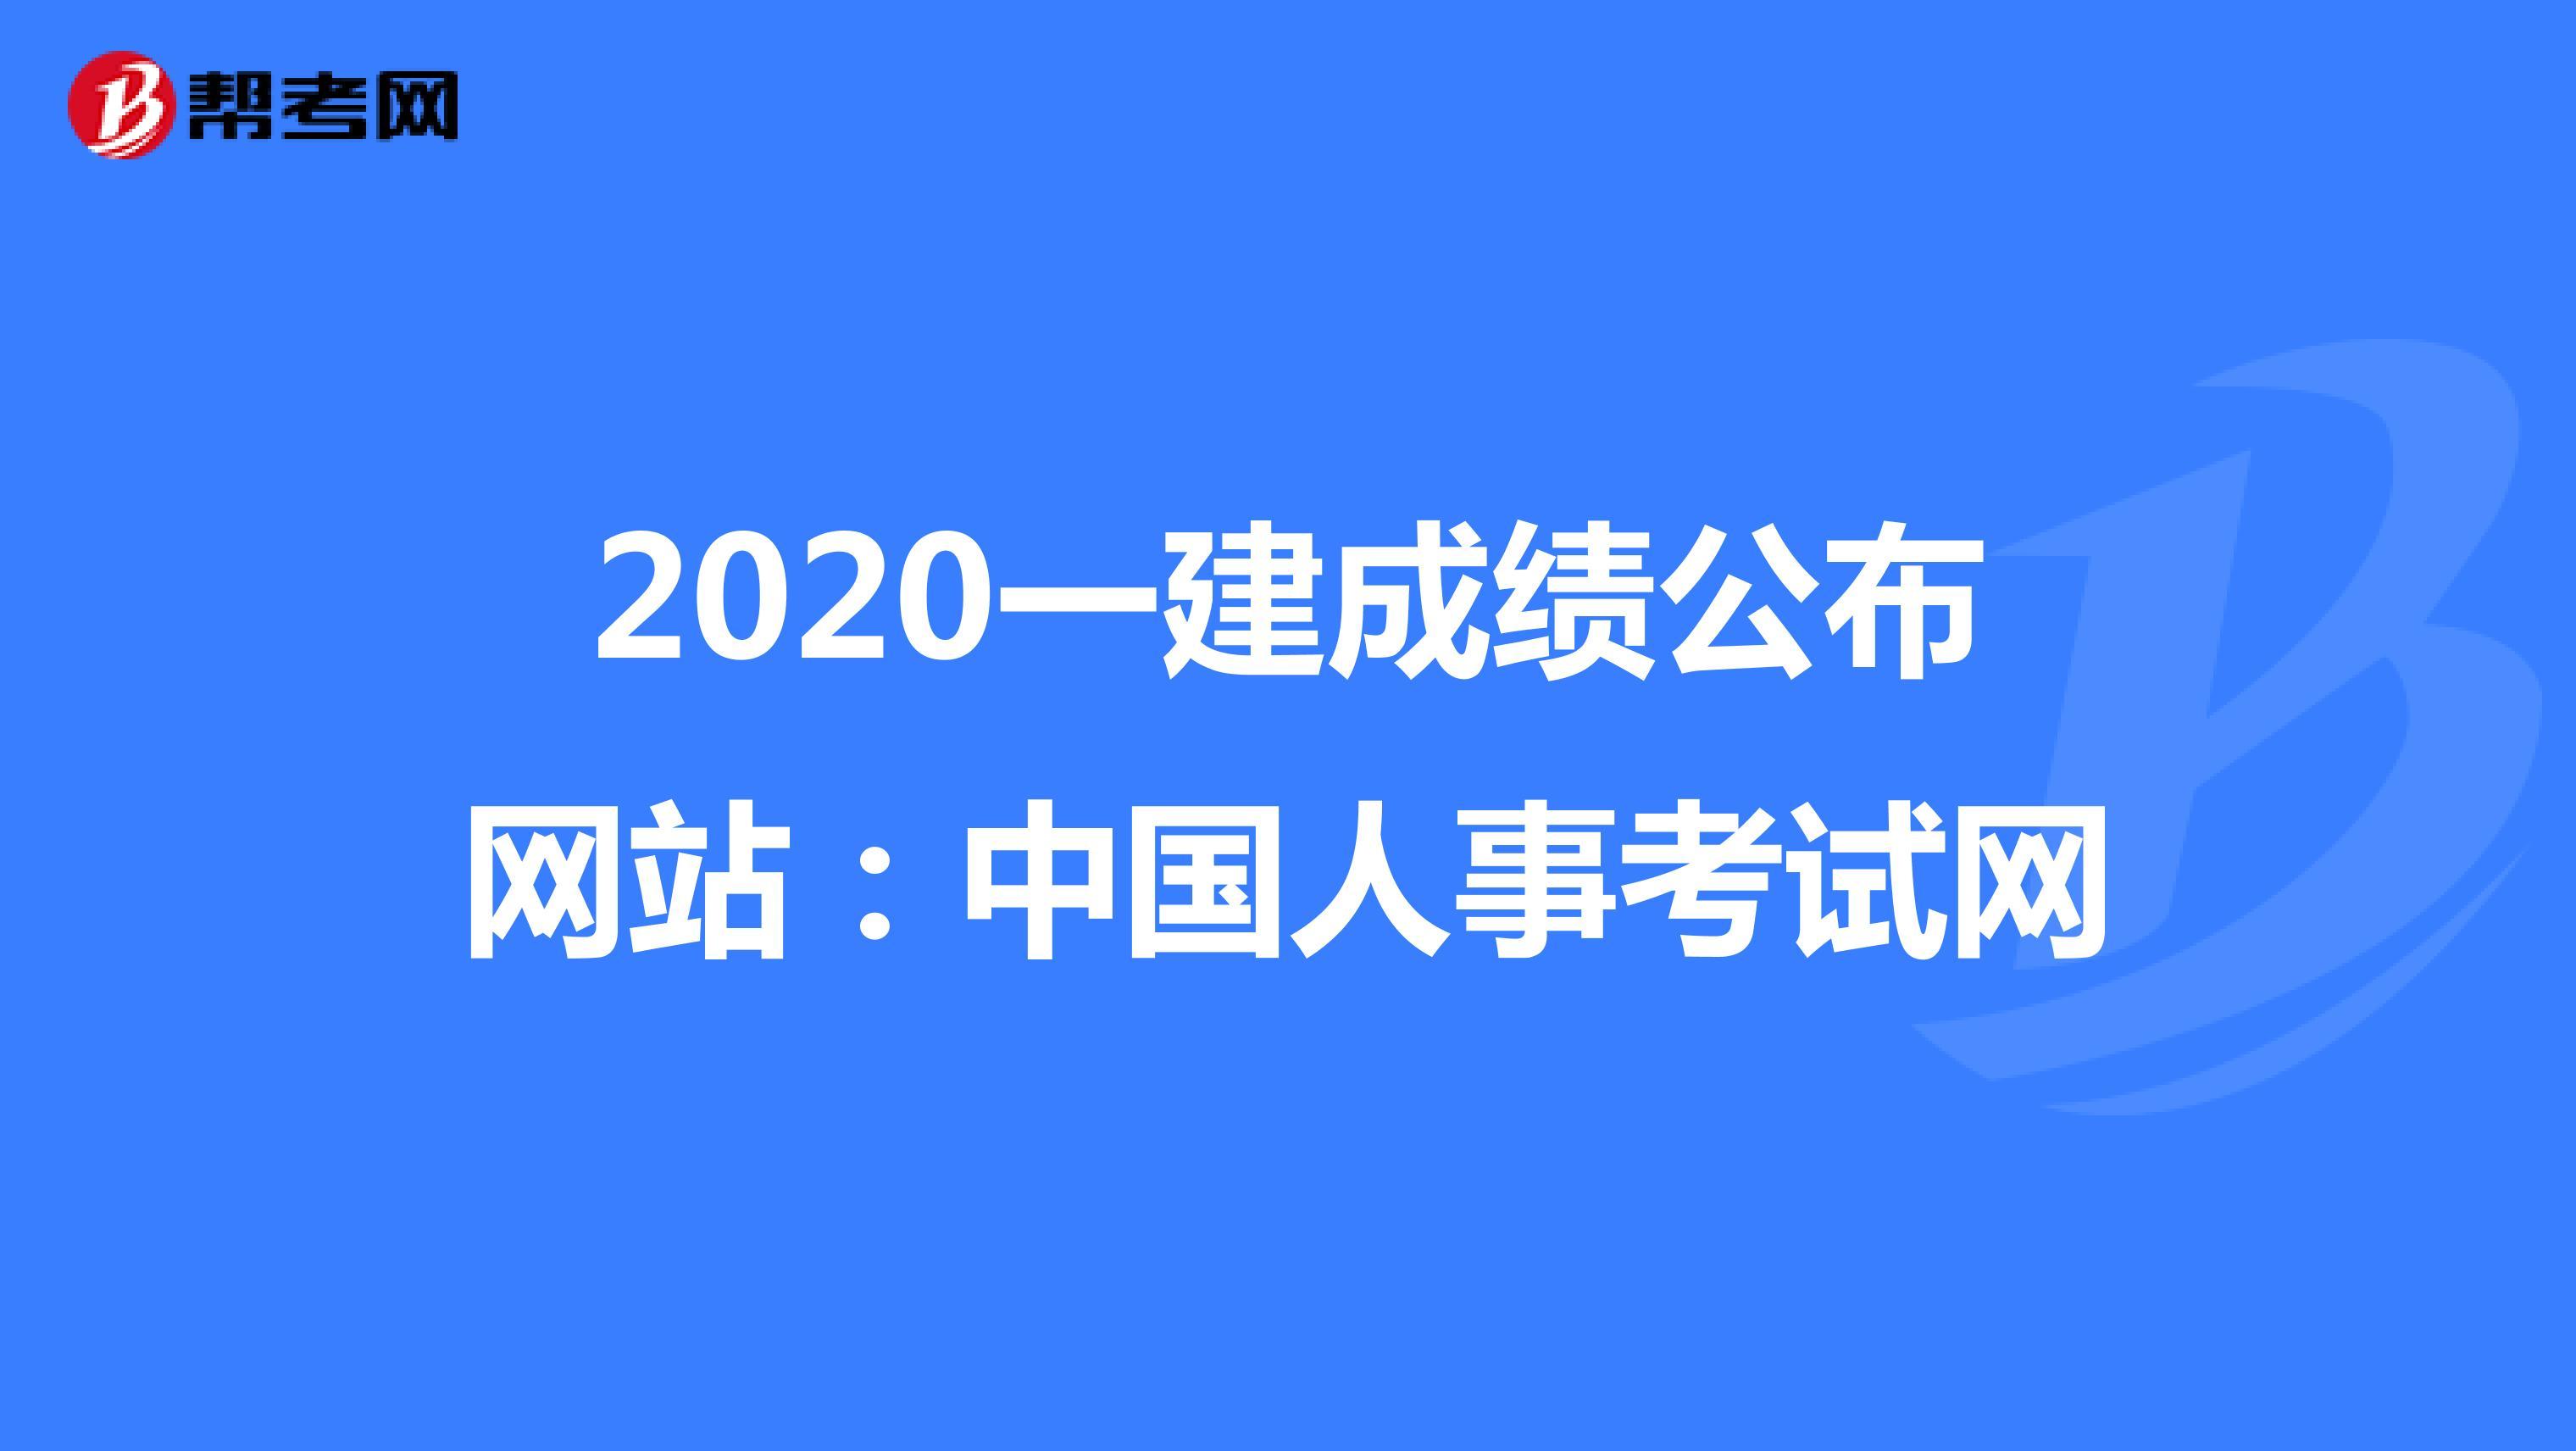 2020一建电竞公布网站:中国人事雷火网